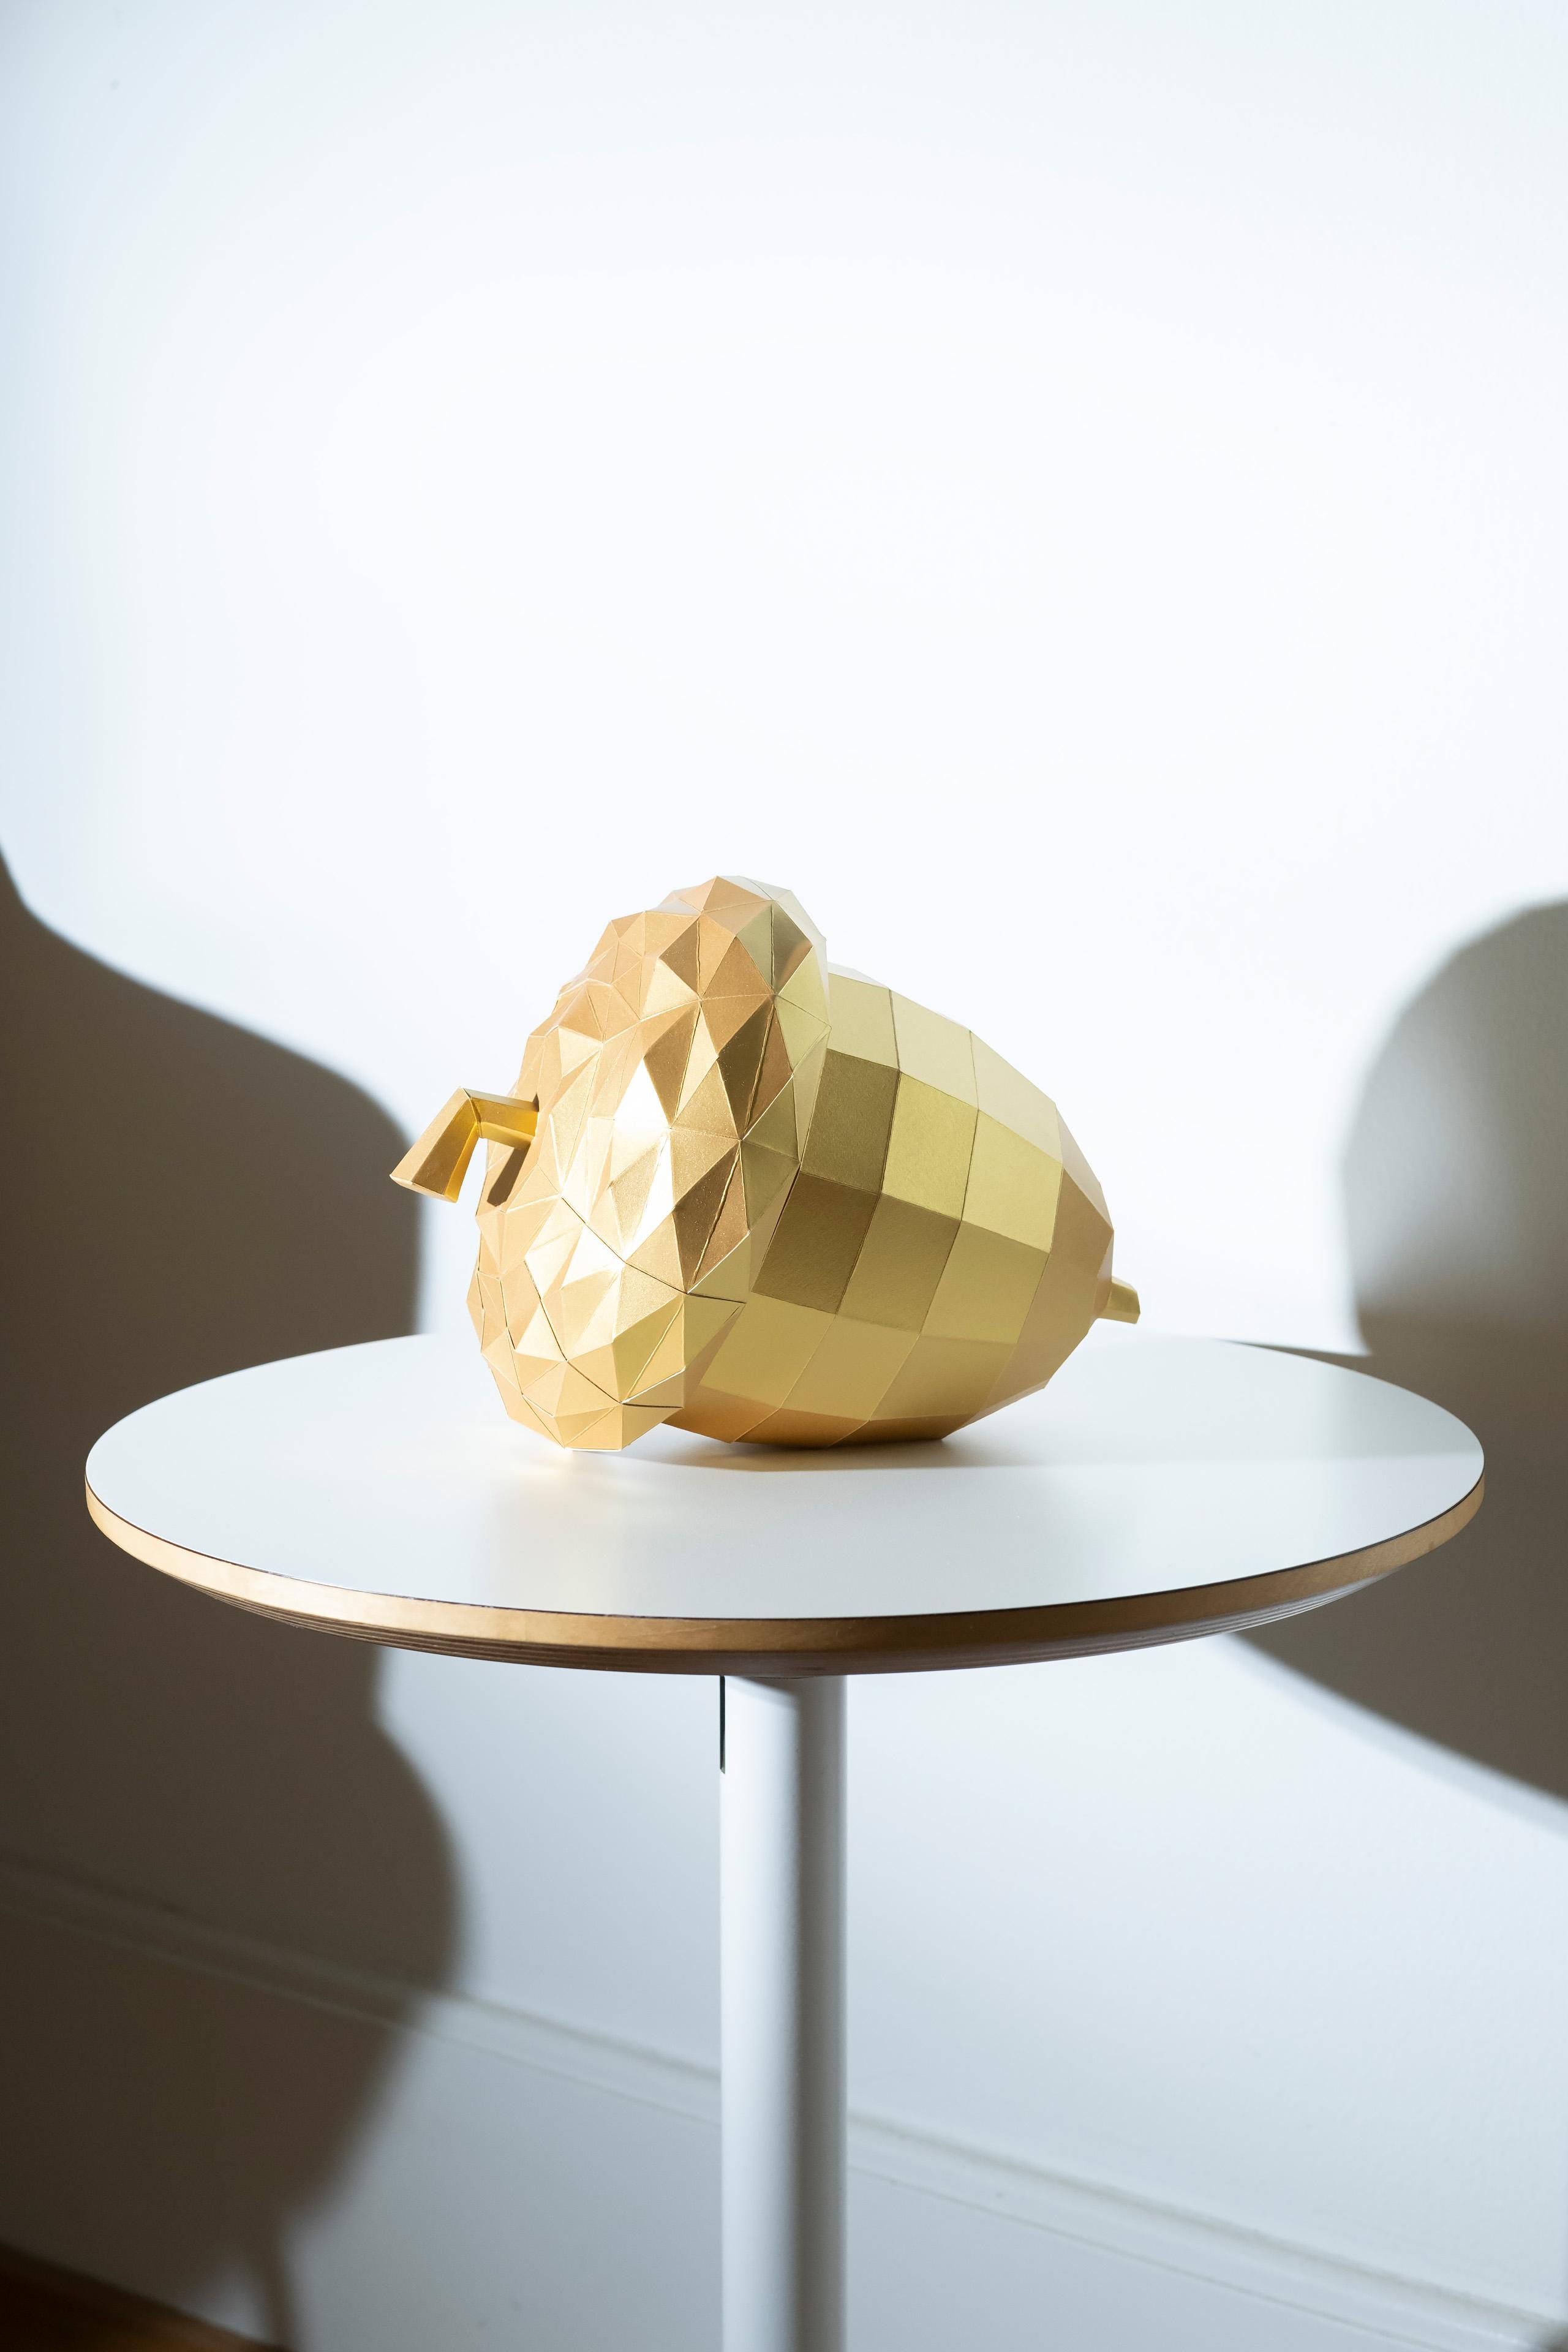 Melanie Brandel, Grafikdesign, Bern, Solothurn, Verpackungsdesign, Faltobjektem Papierobjekte, Bern, Schweiz